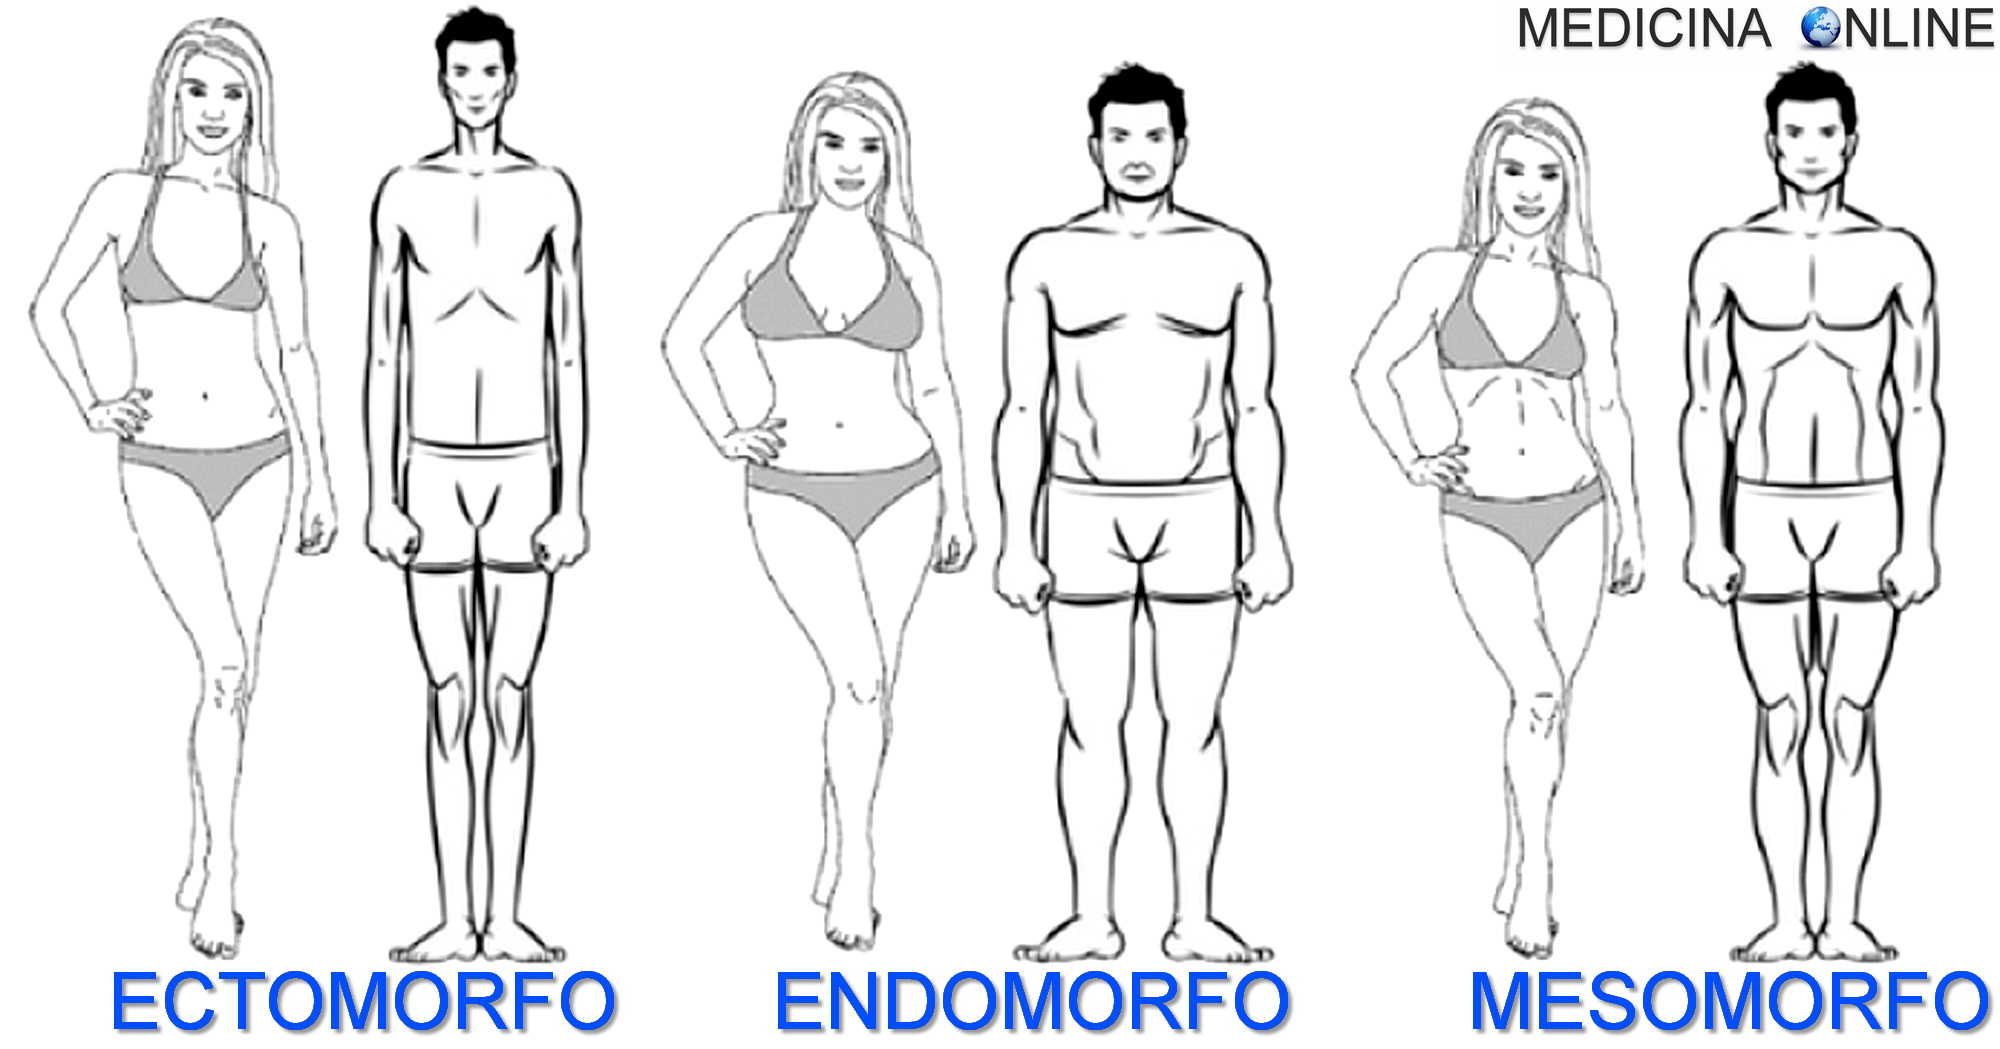 Dieta mesomorfo